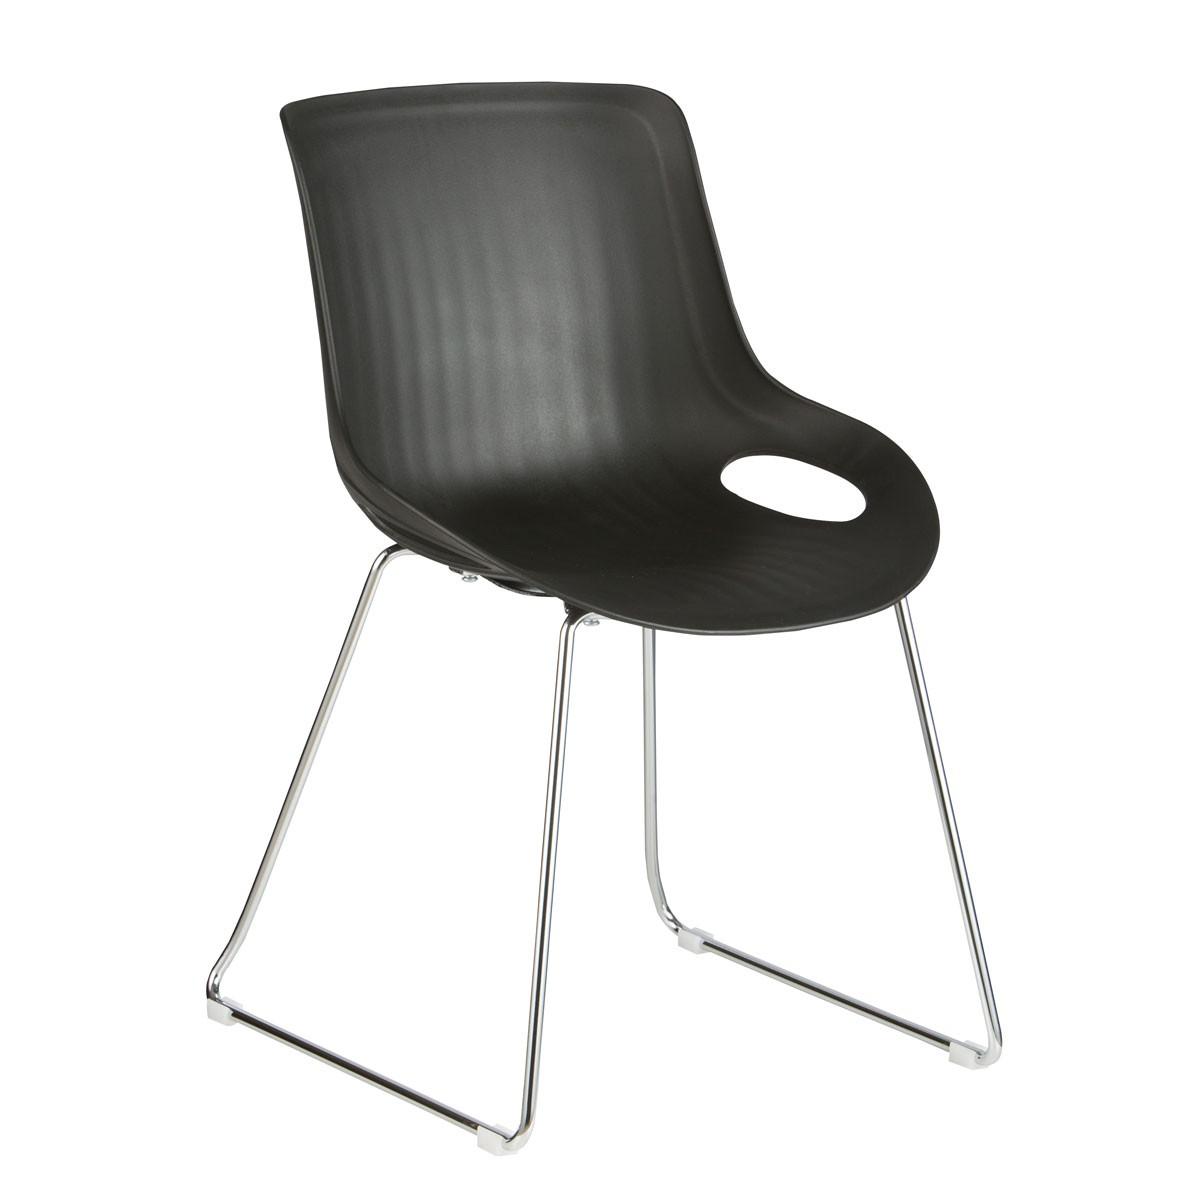 Chaise Plastique en Noir avec Piètement Luge - (YMG-9105S-1)